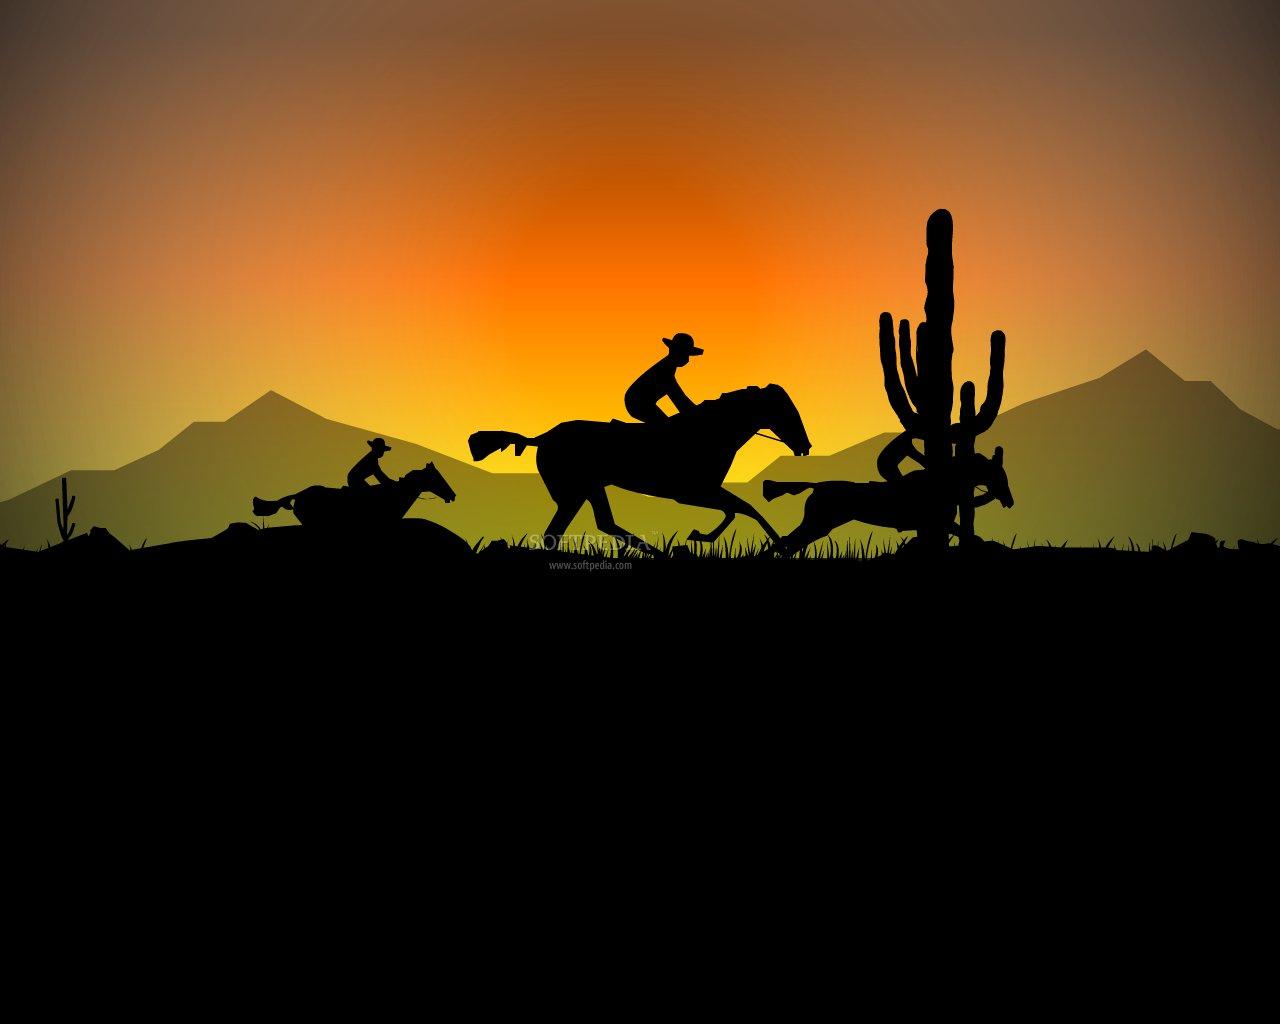 free western screensavers and wallpaper - wallpapersafari